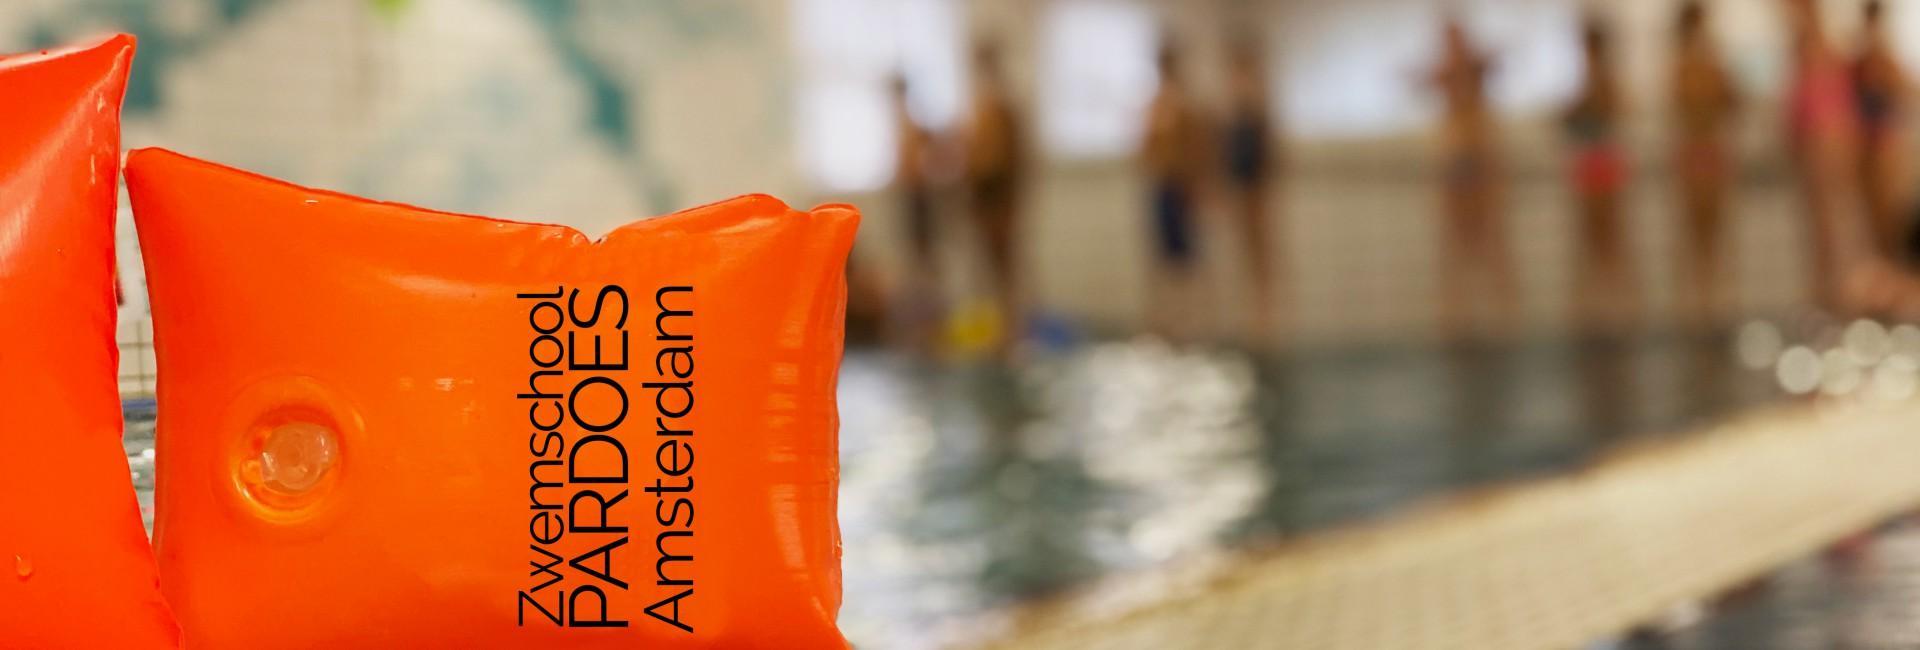 Zwemles in warm water & in het weekend